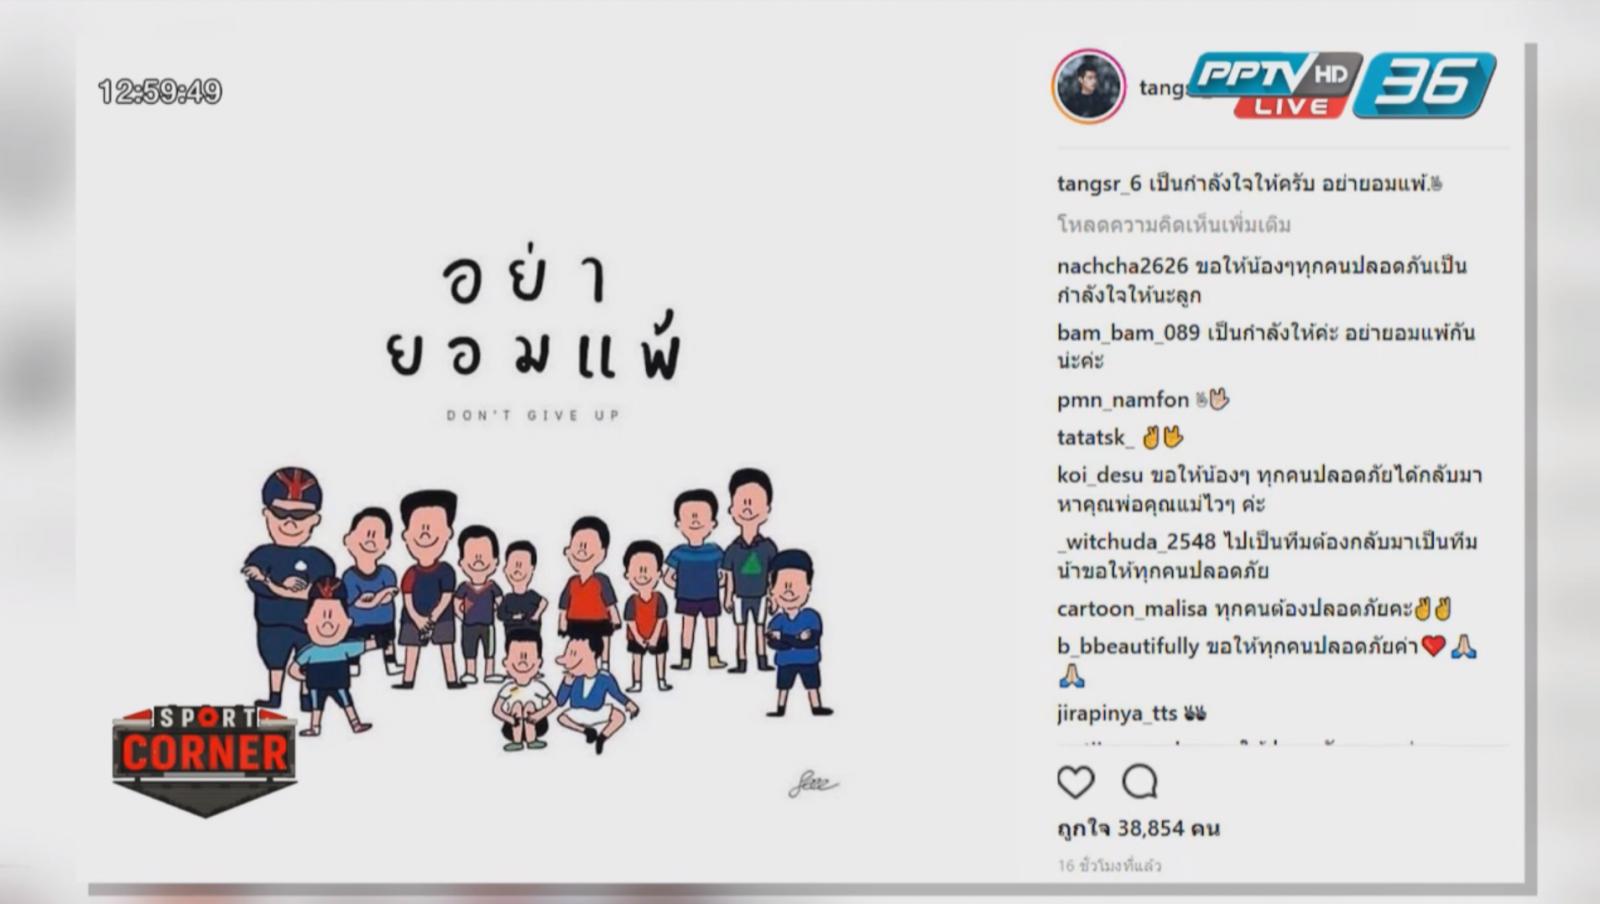 อย่ายอมแพ้!! คนวงการกีฬาไทยร่วมส่งแรงใจให้ 13 ชีวิตติดถ้ำหลวง